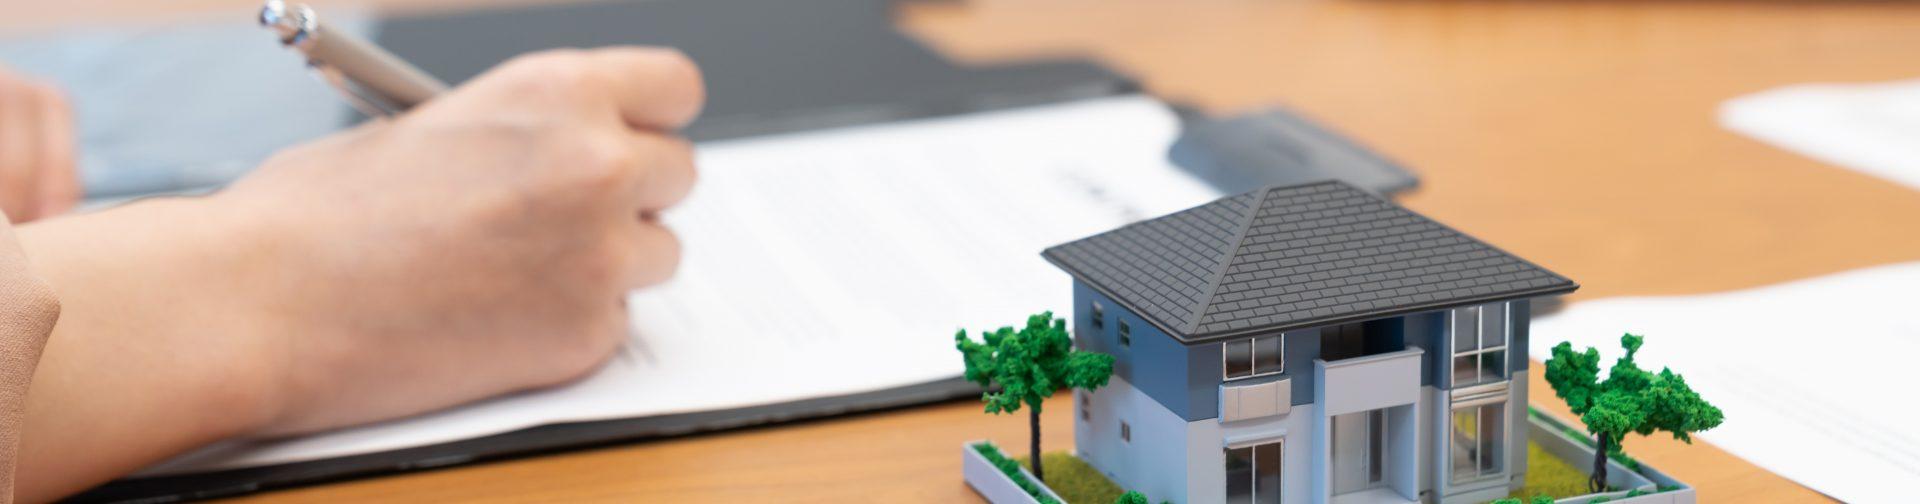 建築確認検査機関向け「申請受付システム」